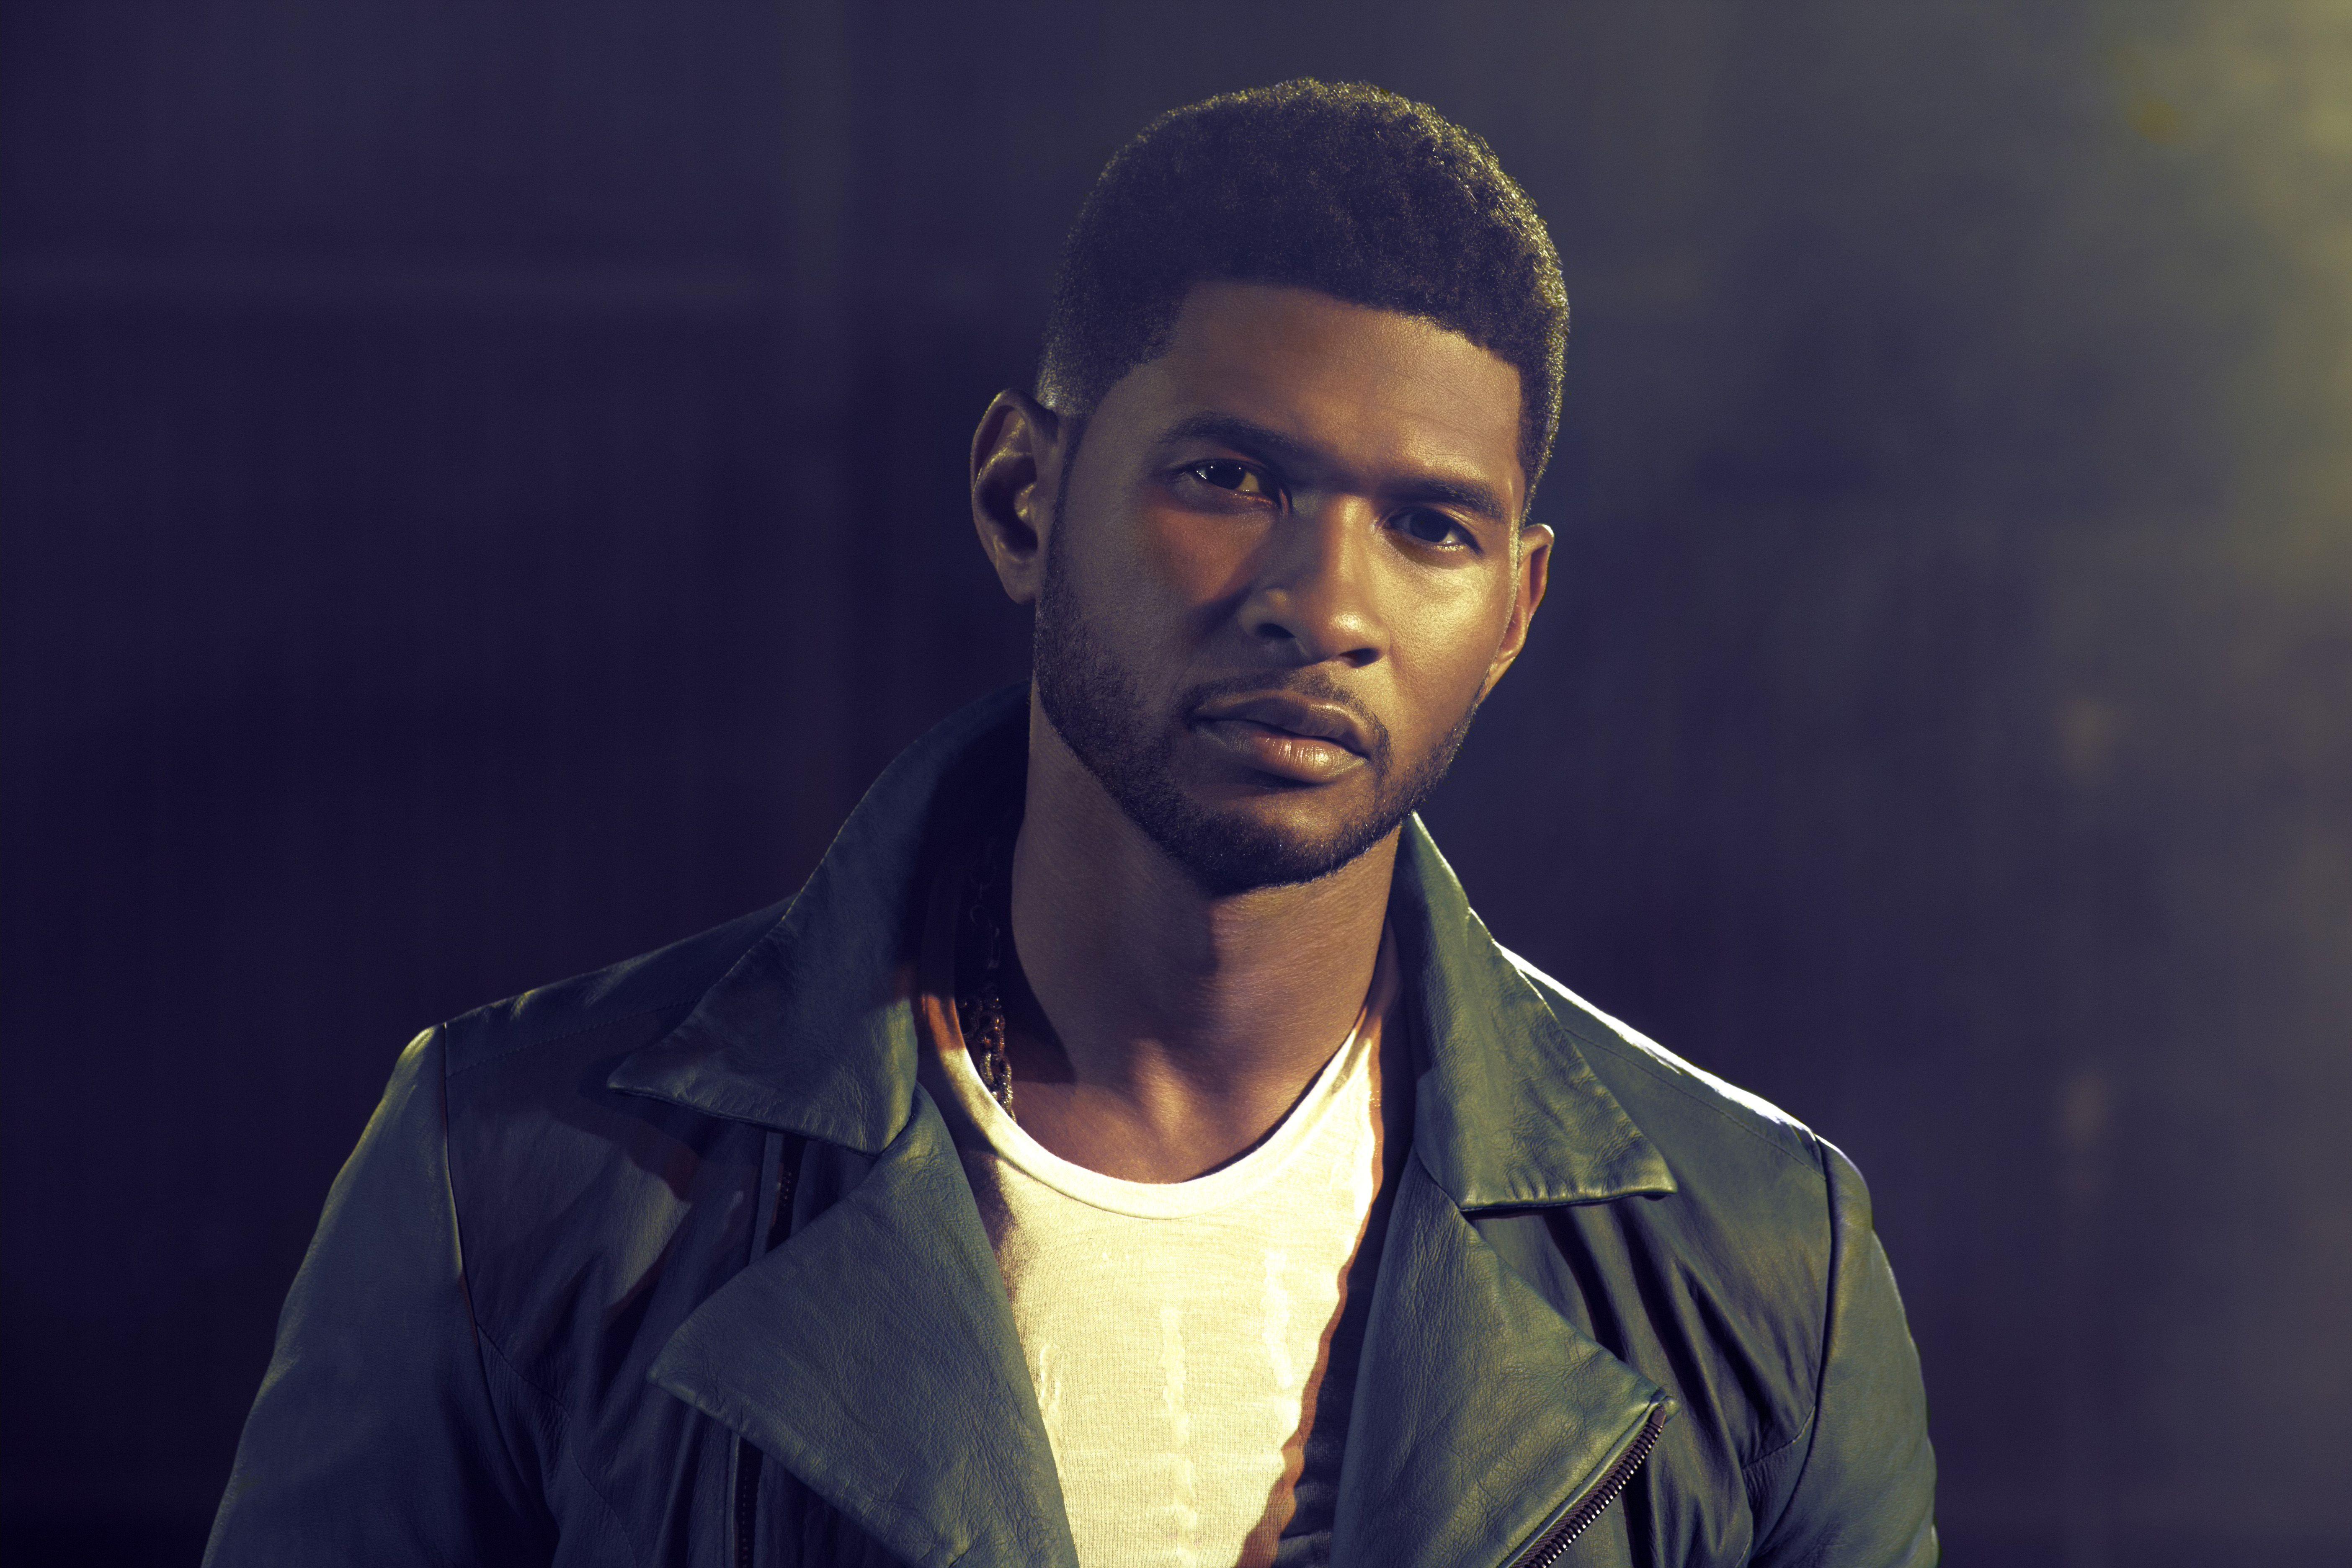 Usher Ez Street Throwback Usher On The Ezstreetshow 2012 Bet